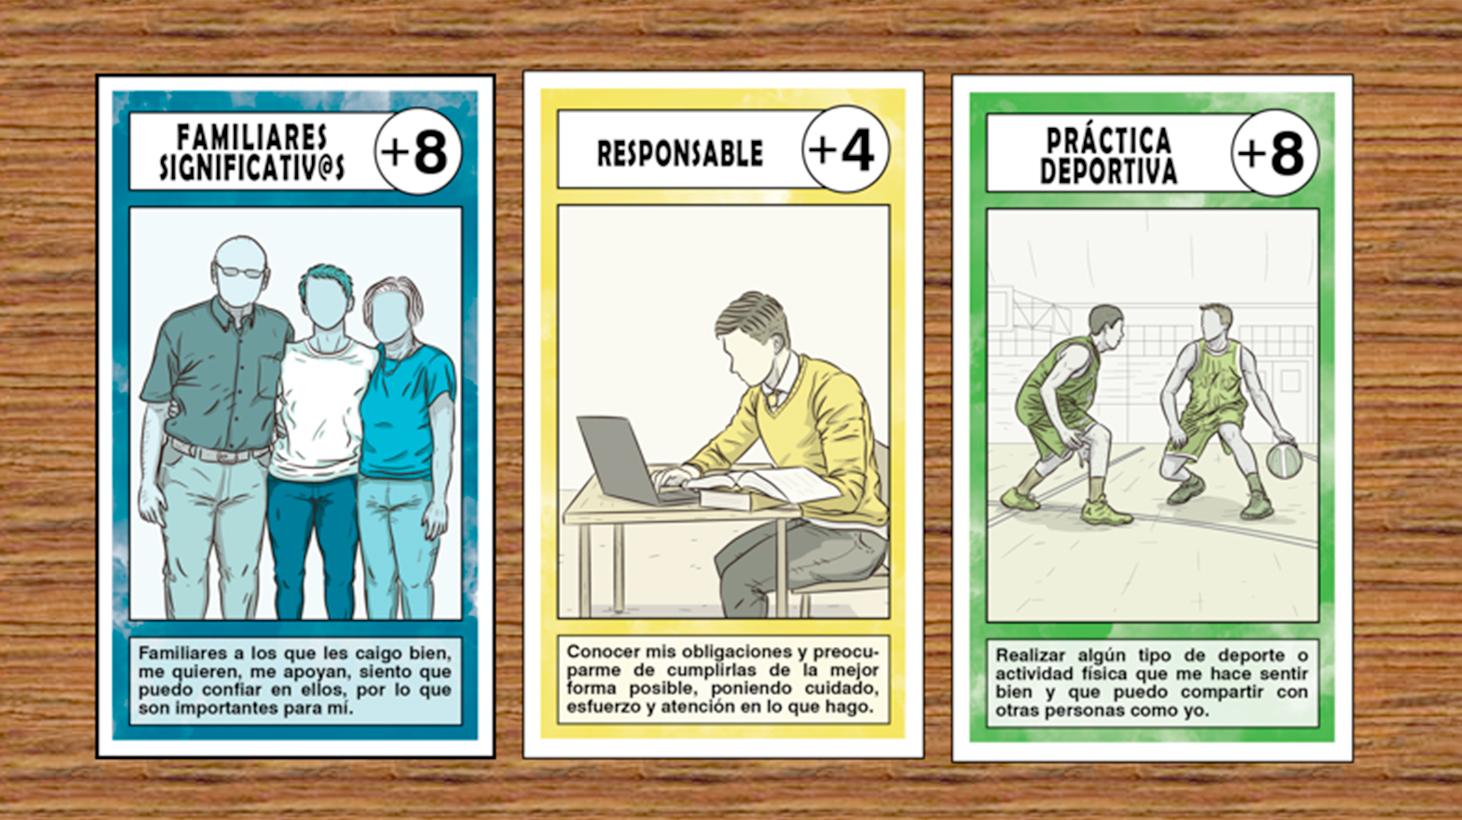 Quest Me, la herramienta terapéutica que busca mejorar la salud mental de los chilenos.